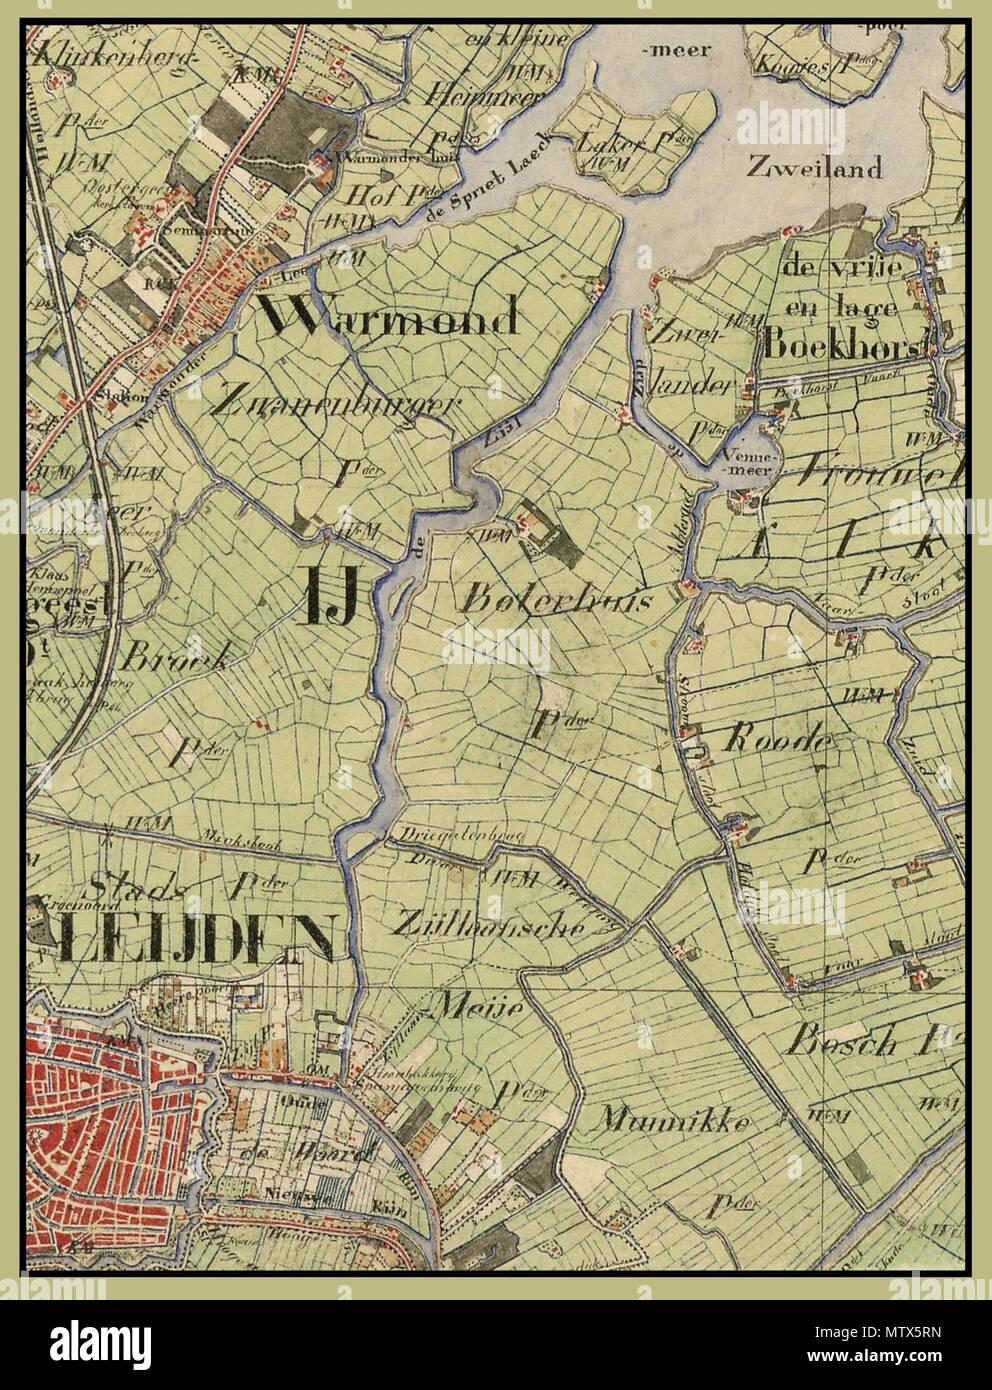 Nederlands Dit Deel Van Een Kaart Van Zuid Holland Uit 1850 1851